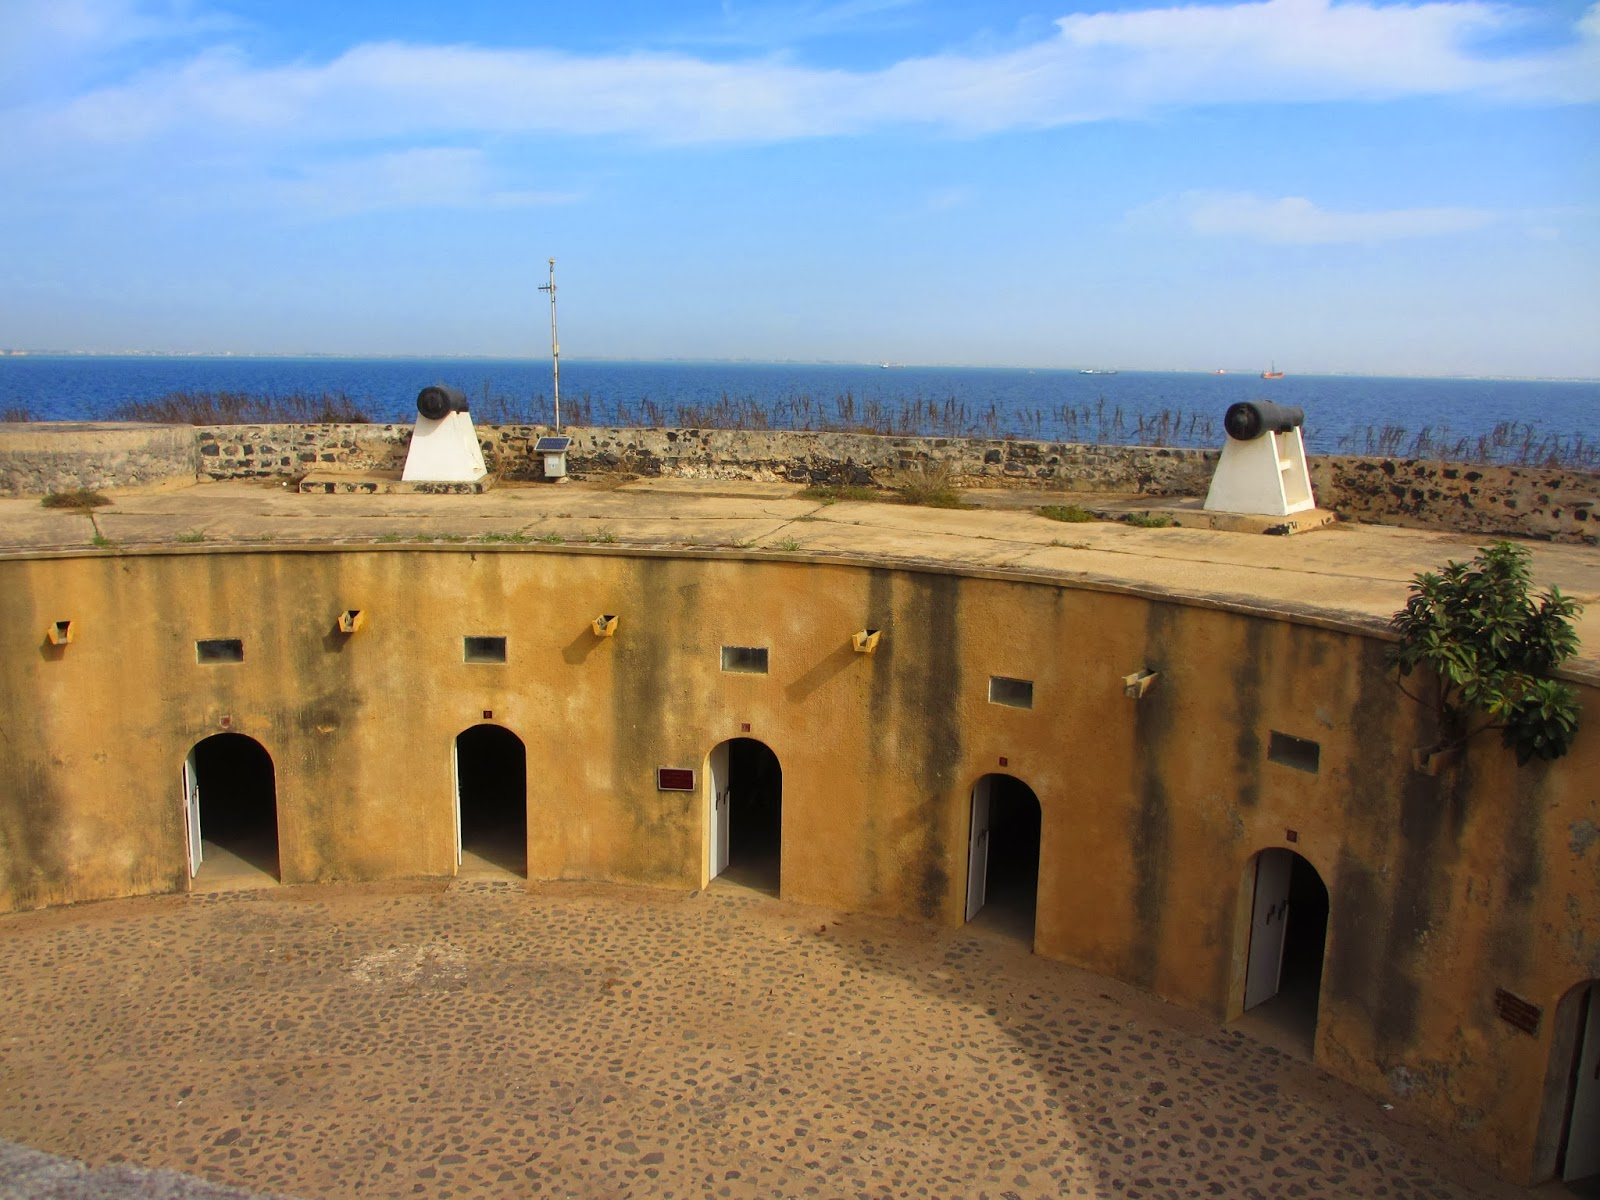 Visitar a ILHA DE GORÉE desde Dakar e perceber a Rota os Escravos e as correntes do passado | Senegal